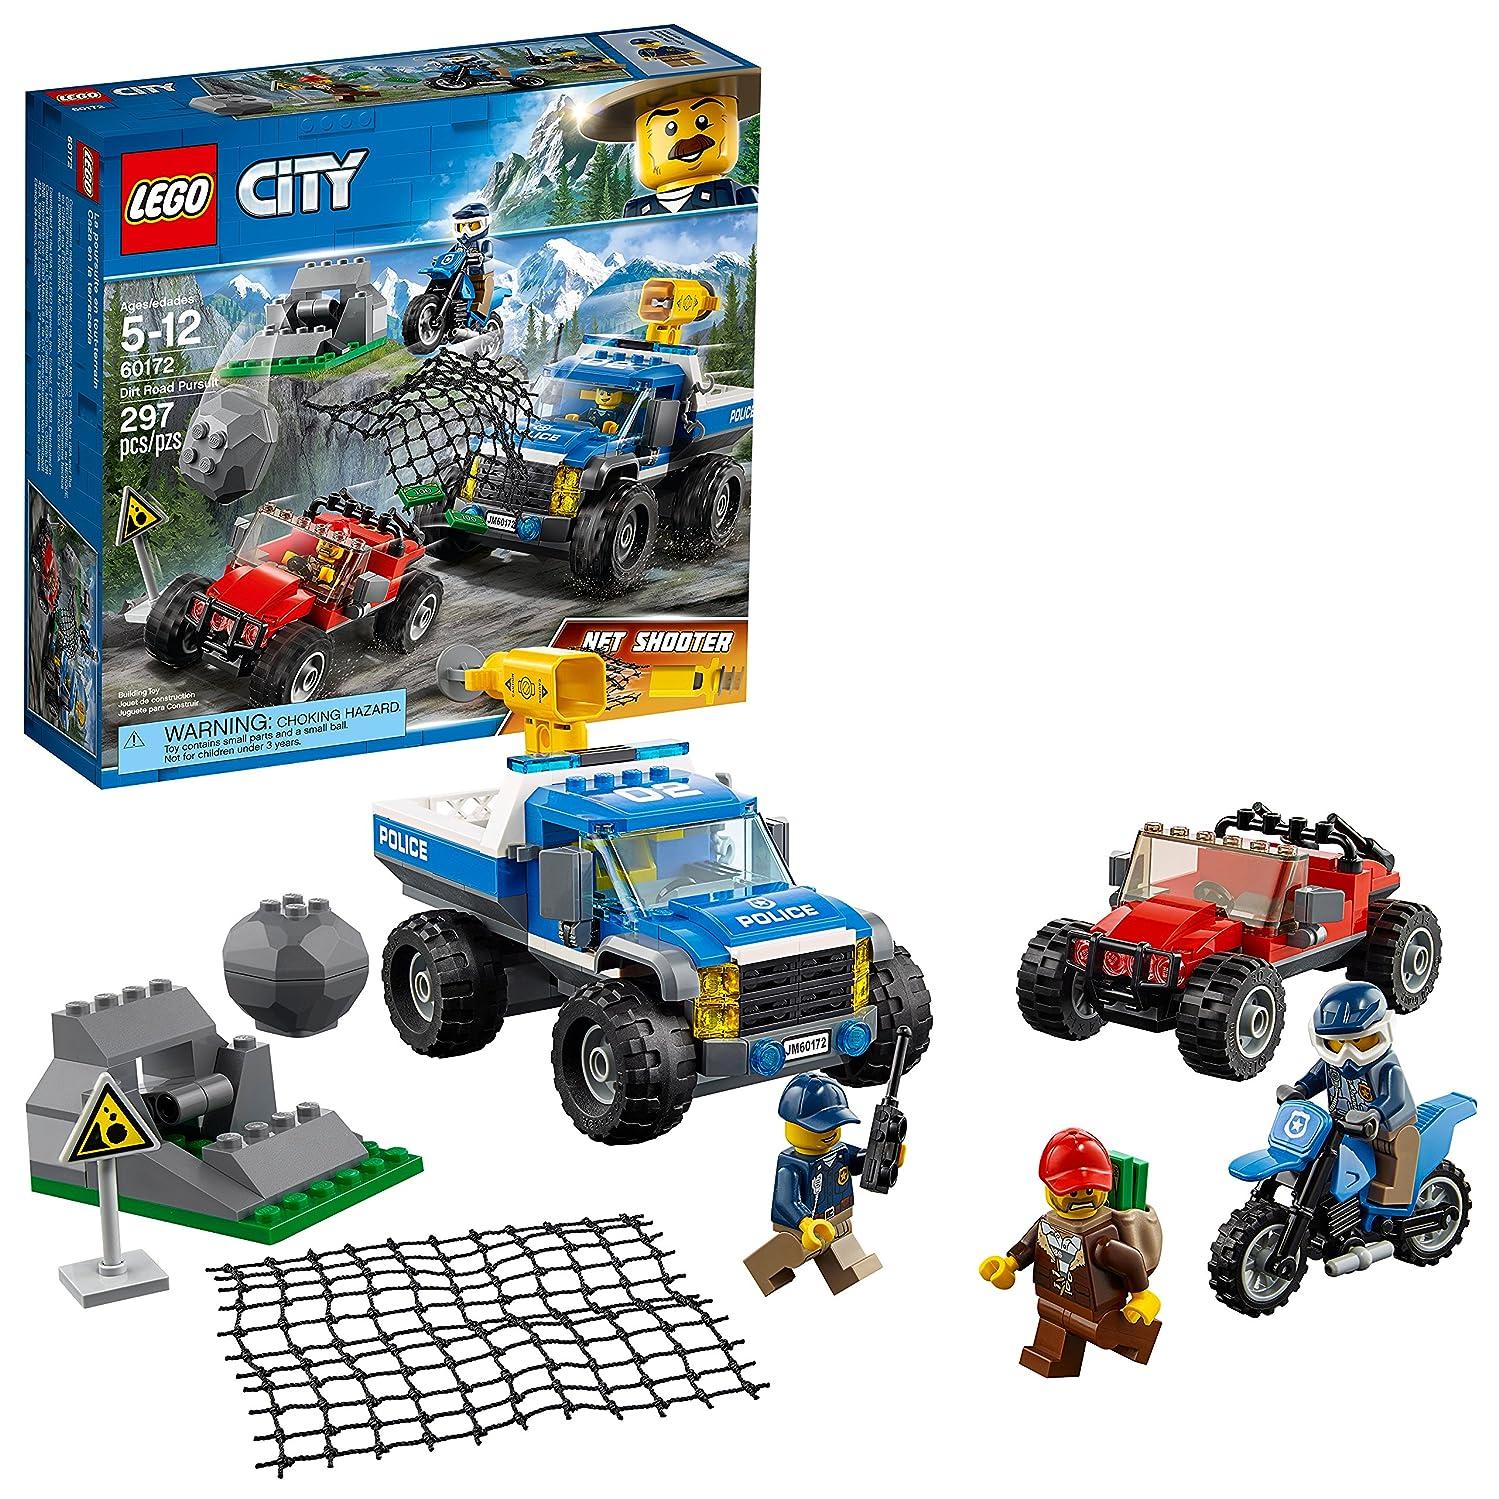 LEGO City Dirt Road Pursuit 60172 Building Kit (297 Piece)